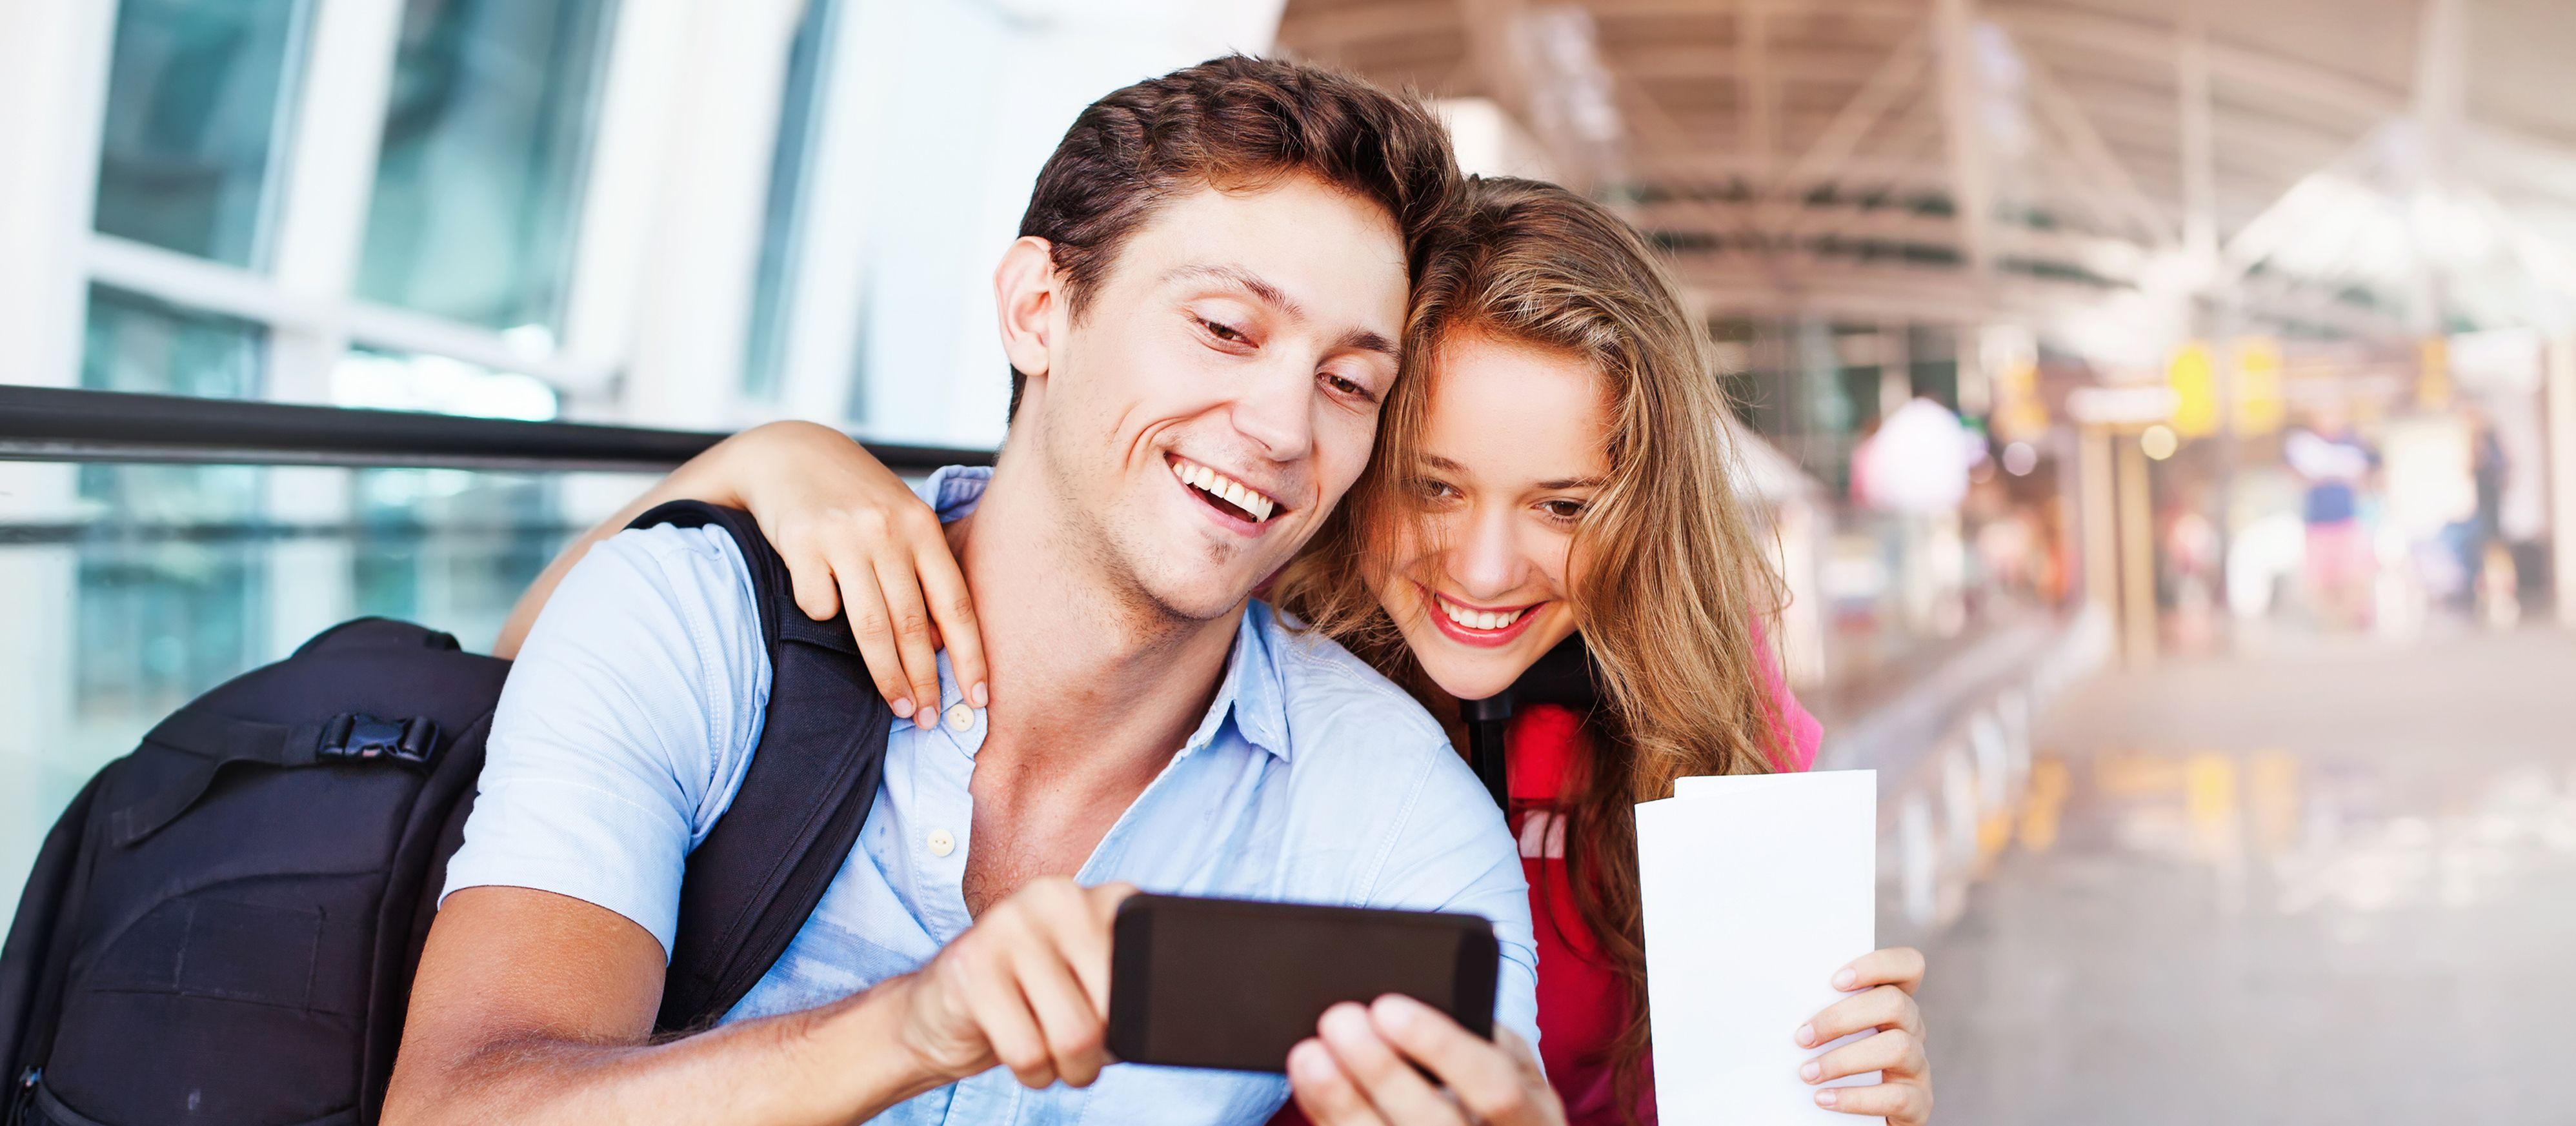 Ein Pärchen verwendet am Flughafen eine Reise-App auf ihrem Handy